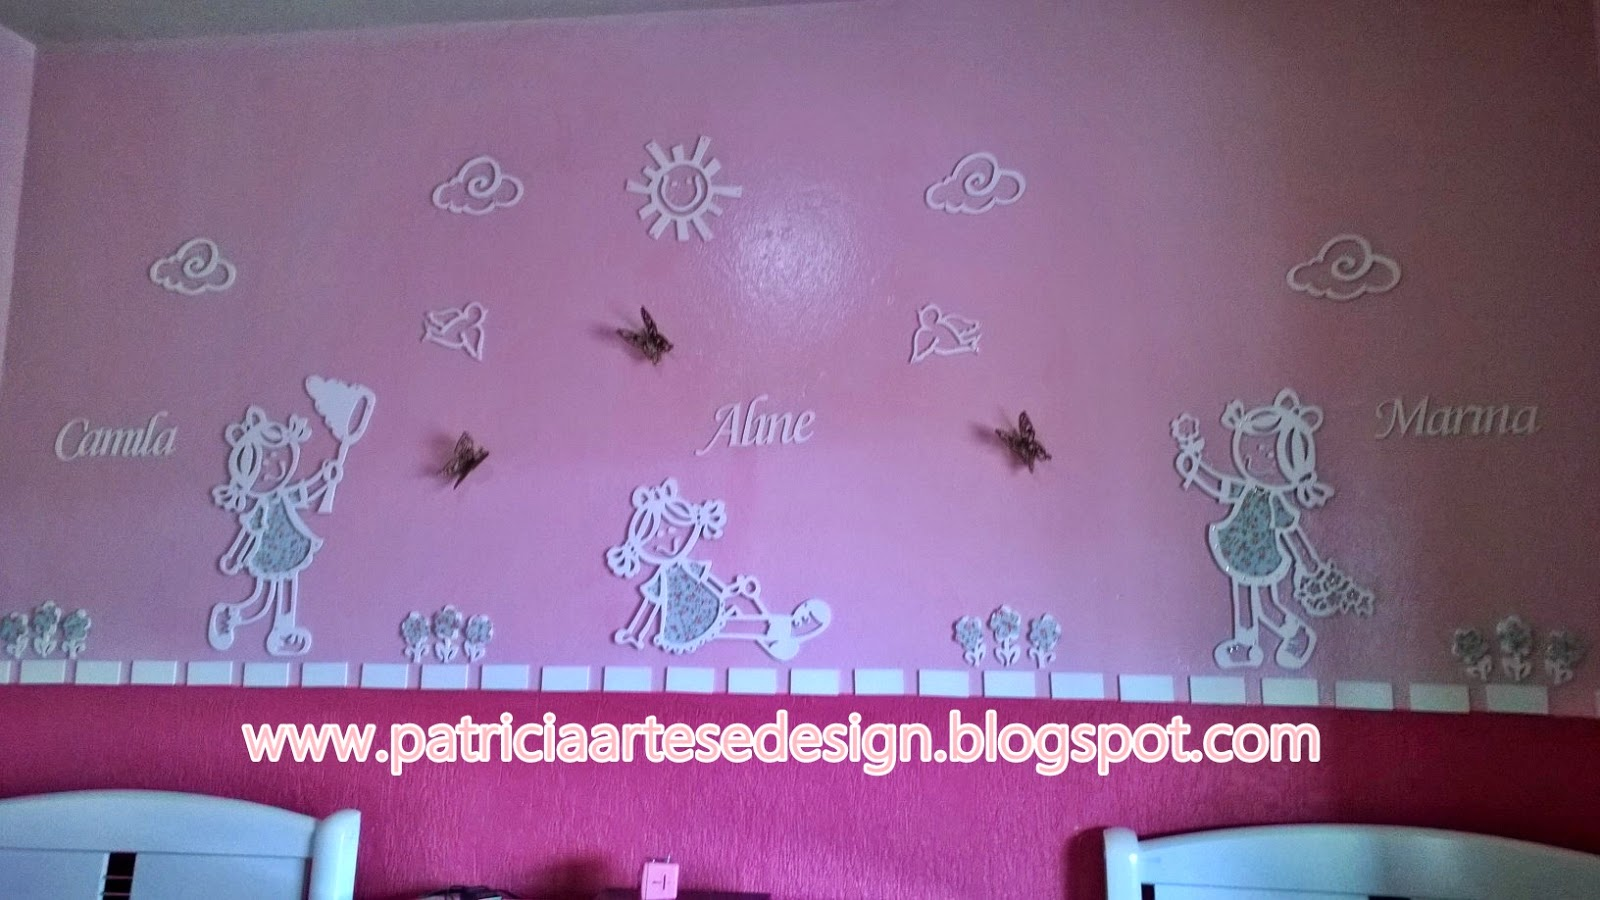 Painel para quarto de meninas, Painel em Mdf vazado, Painel para quarto de bebê, Decoração para quarto de Bebê, Painel Bonecas